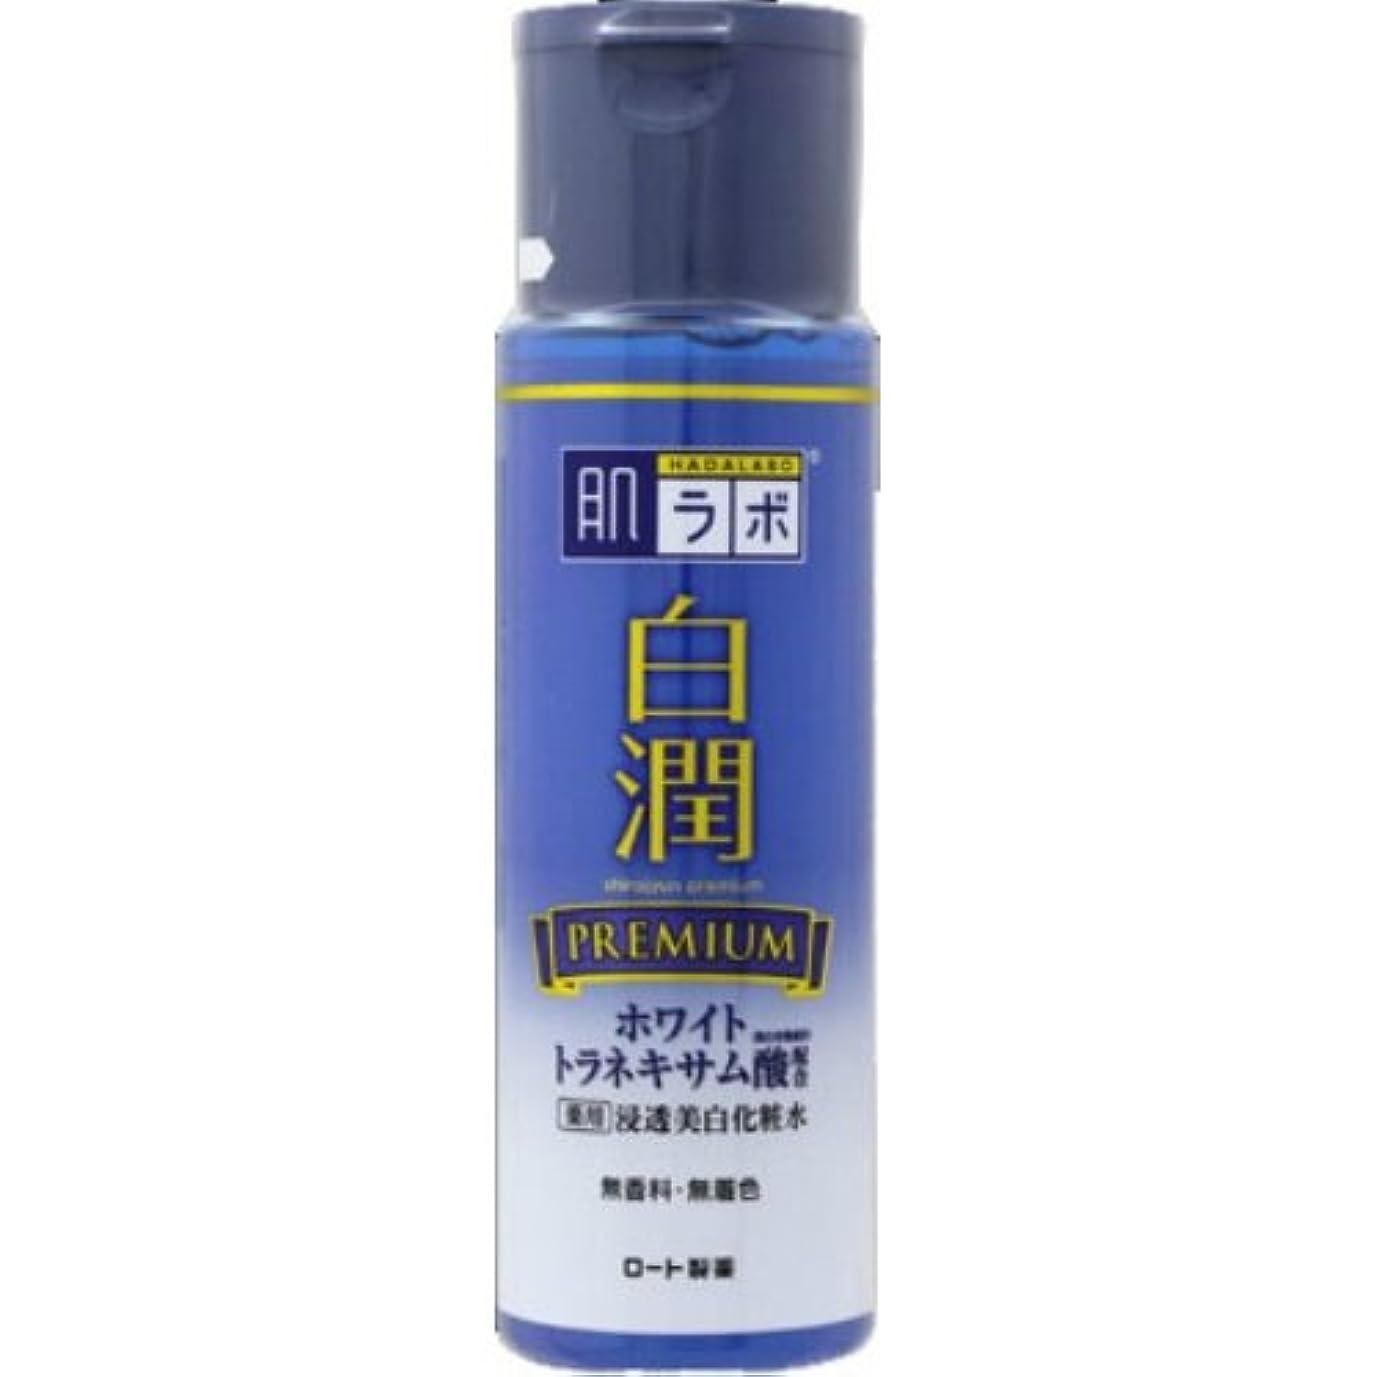 暴露栄光のパーツ肌ラボ 白潤プレミアム 薬用浸透美白化粧水 170mL × 10個セット